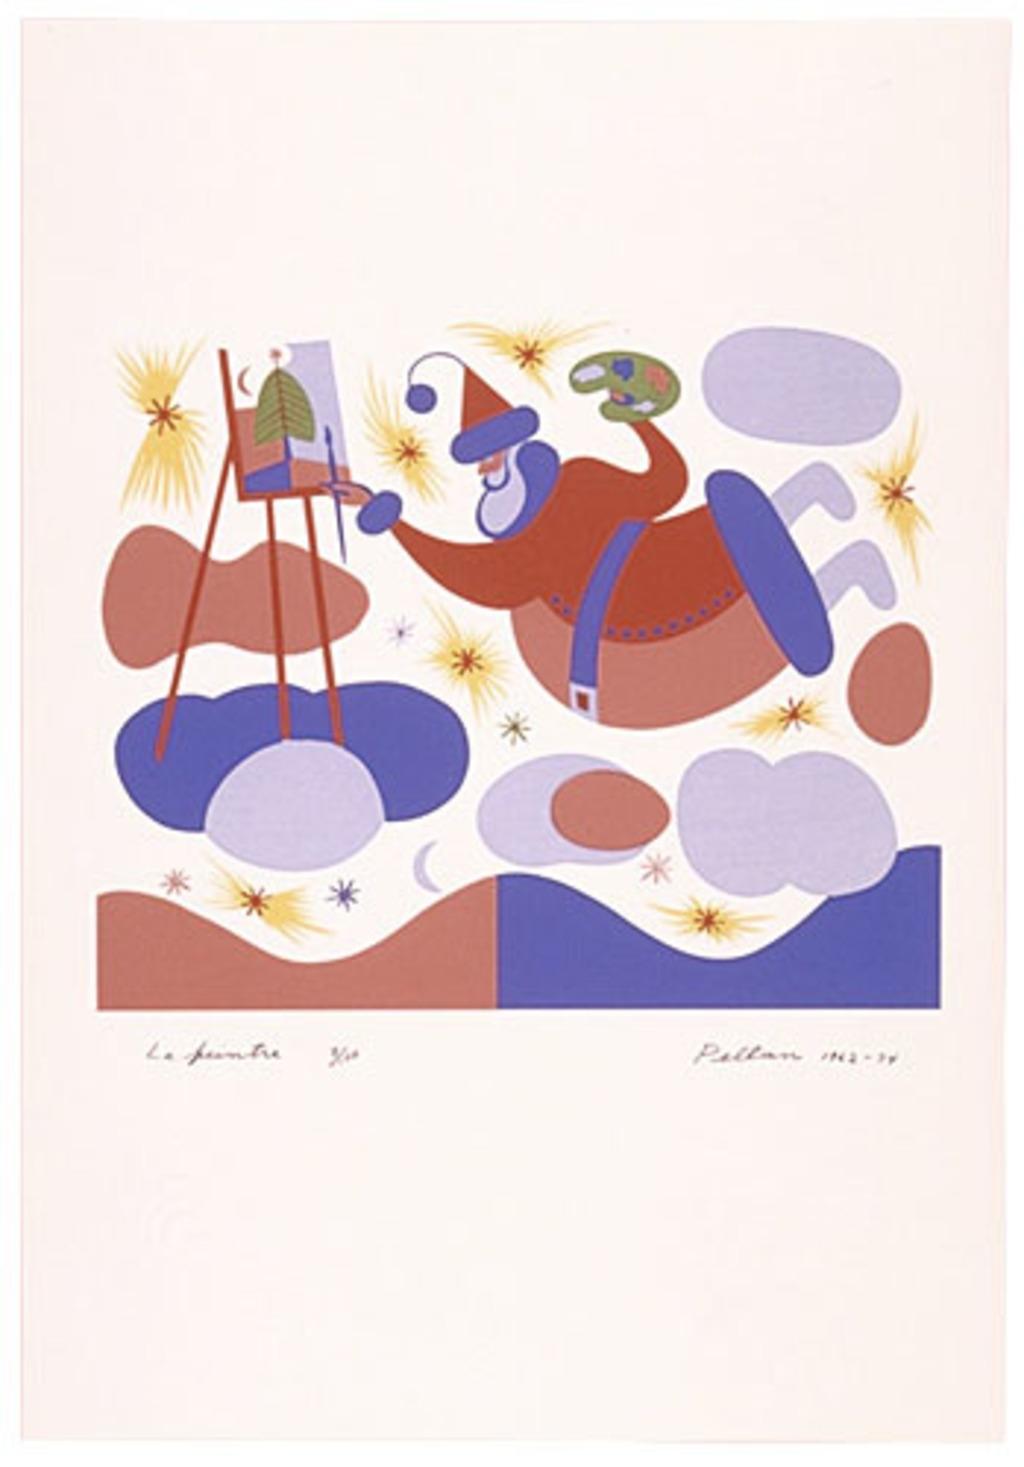 Le Peintre, du livre d'artiste «Les Pères Noëls»